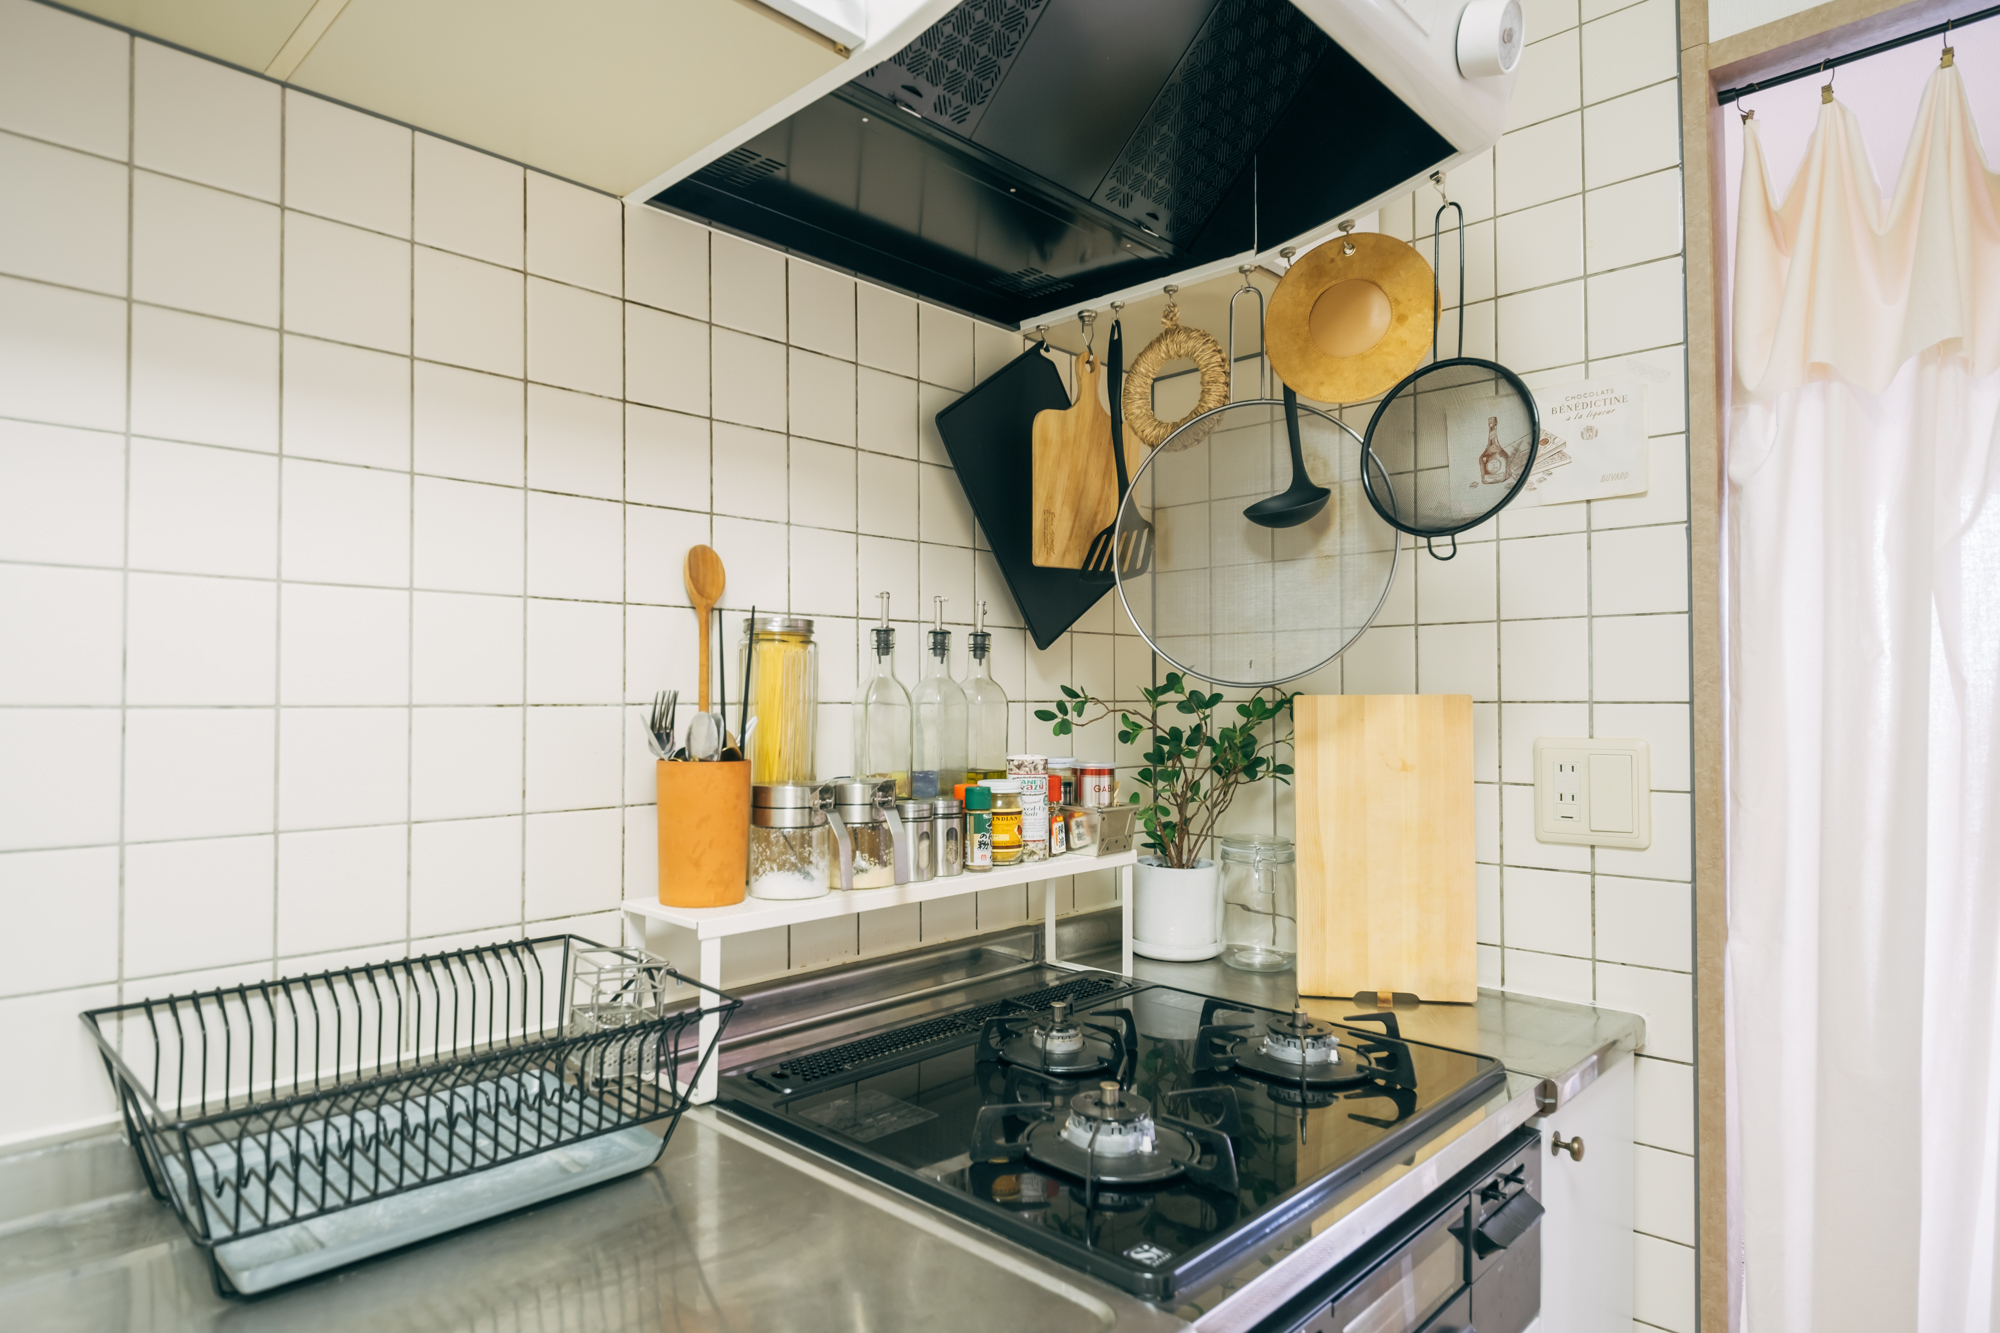 十分な広さがある白いタイルのキッチン。